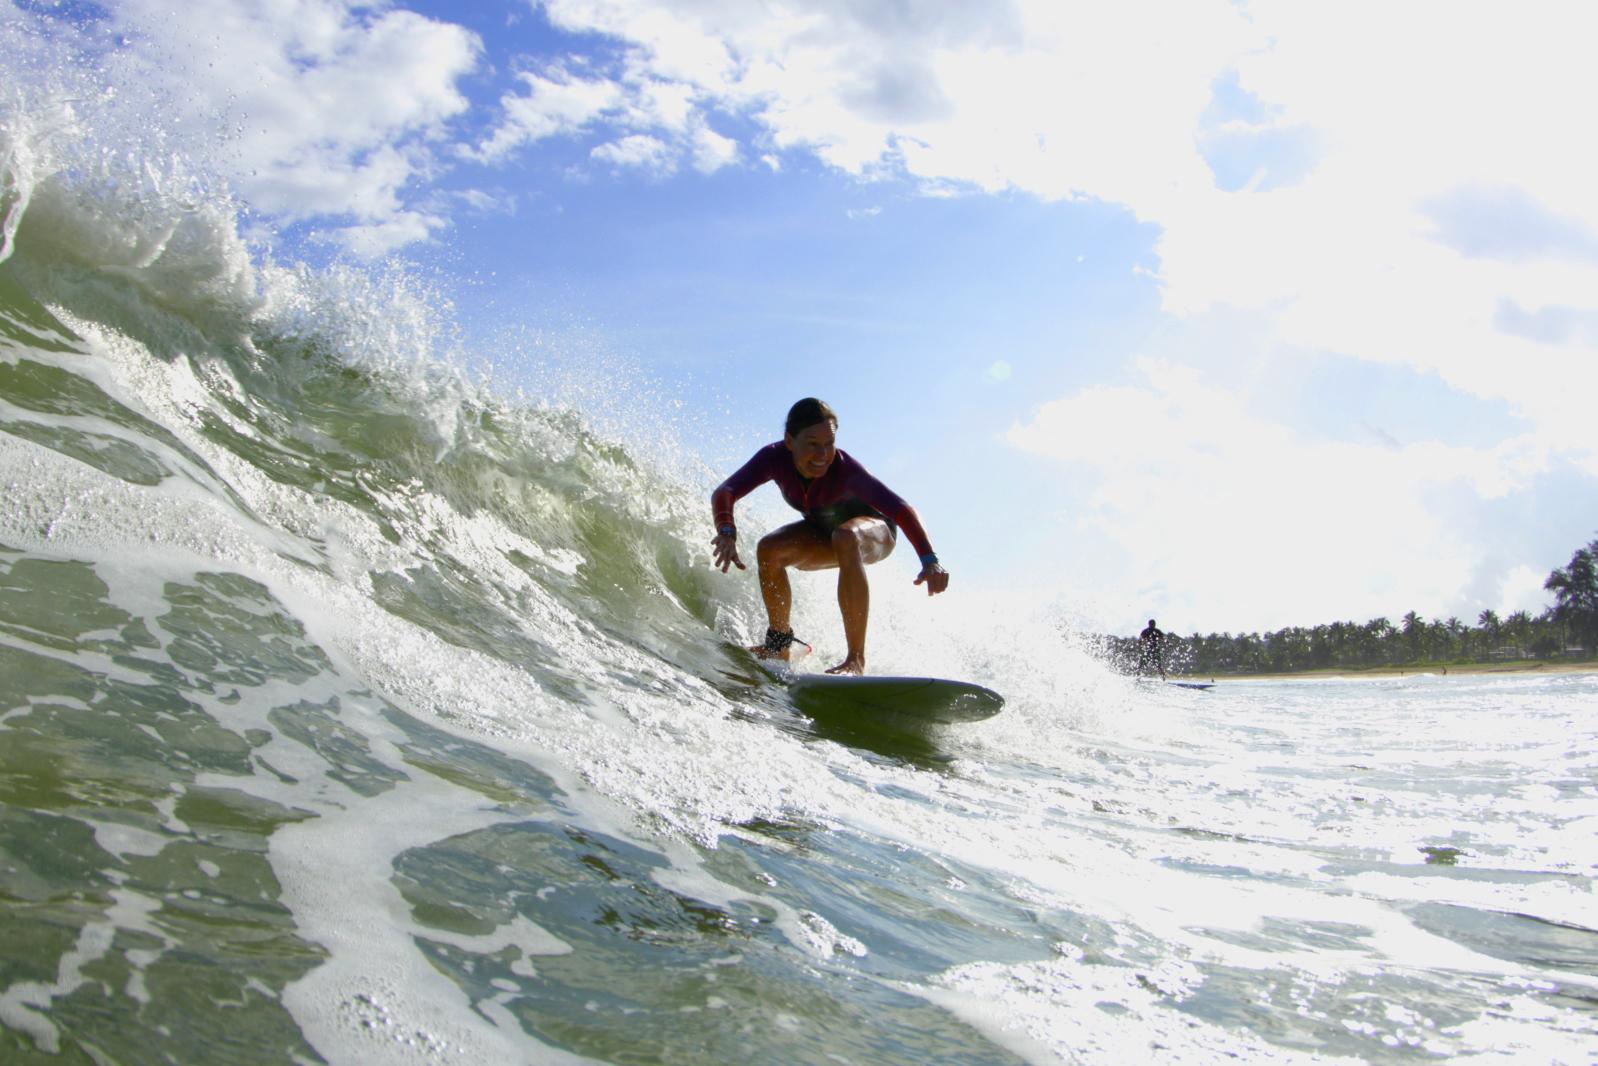 Noelle Salmi pega uma onda em Hanalei Bay - Kauia, HI. Foto de Ry Cowan.